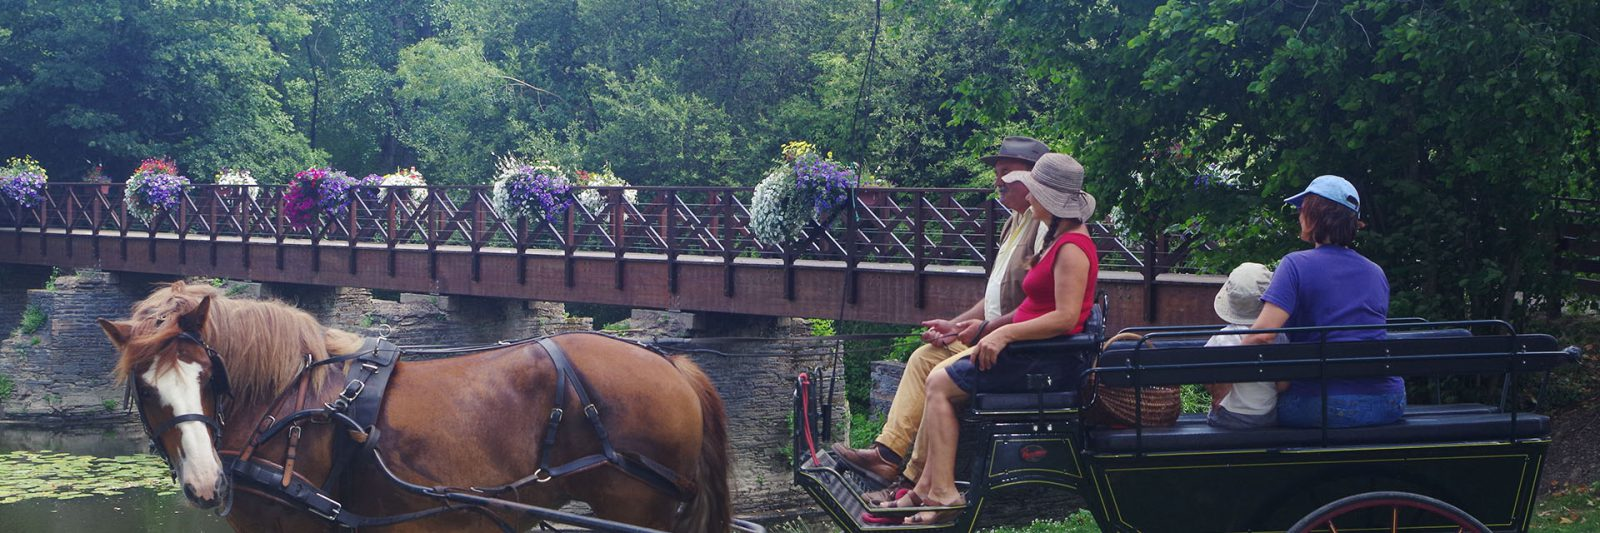 Promenade à cheval en calèche en famille Guémené-Penfao sortie intergénérationnelle Bretagne Sud Loire Océan 44 passerelle du don